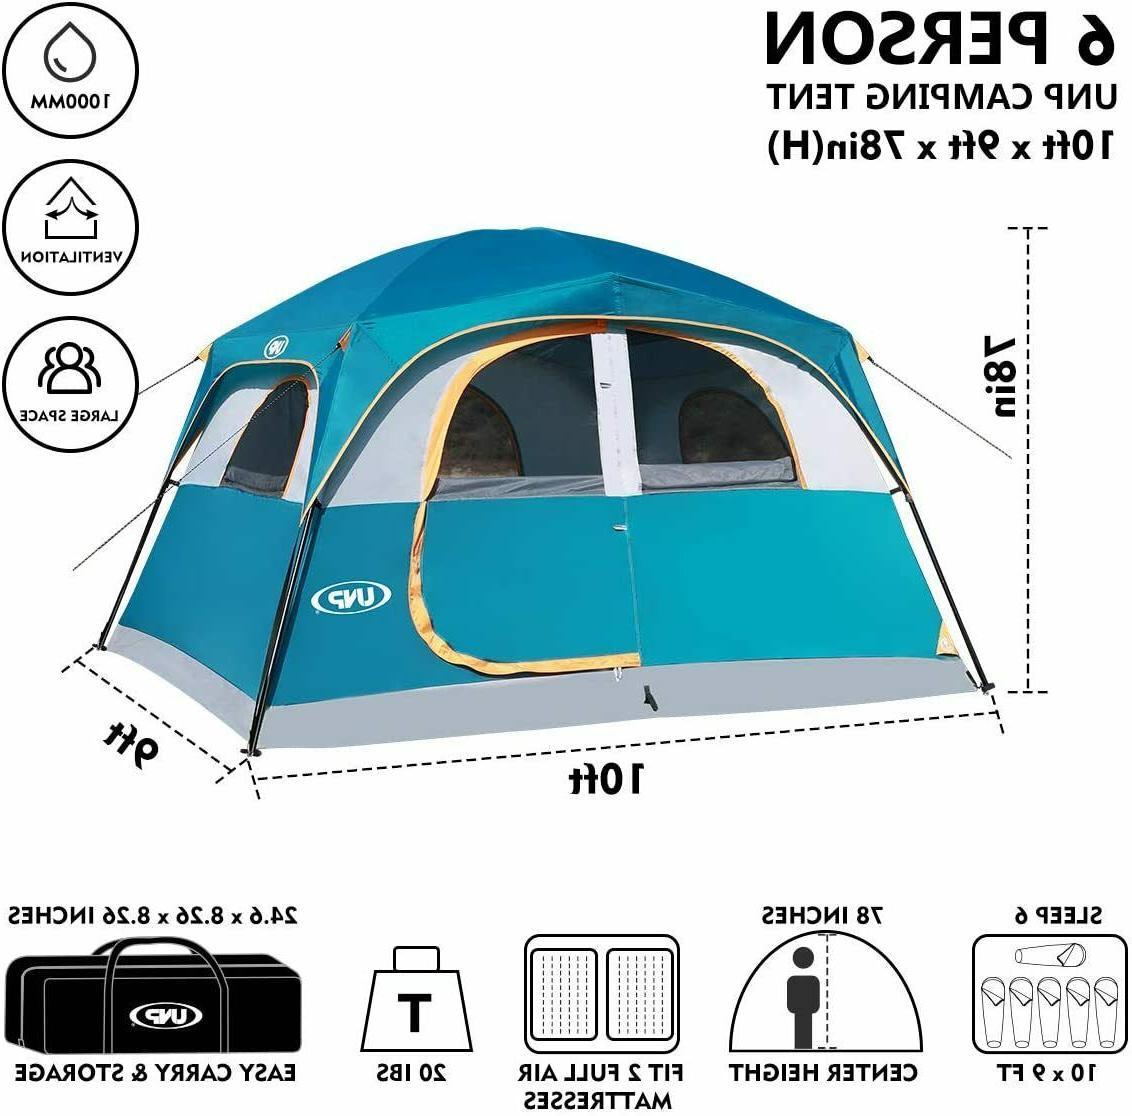 Original Camping 6 Easy Setup